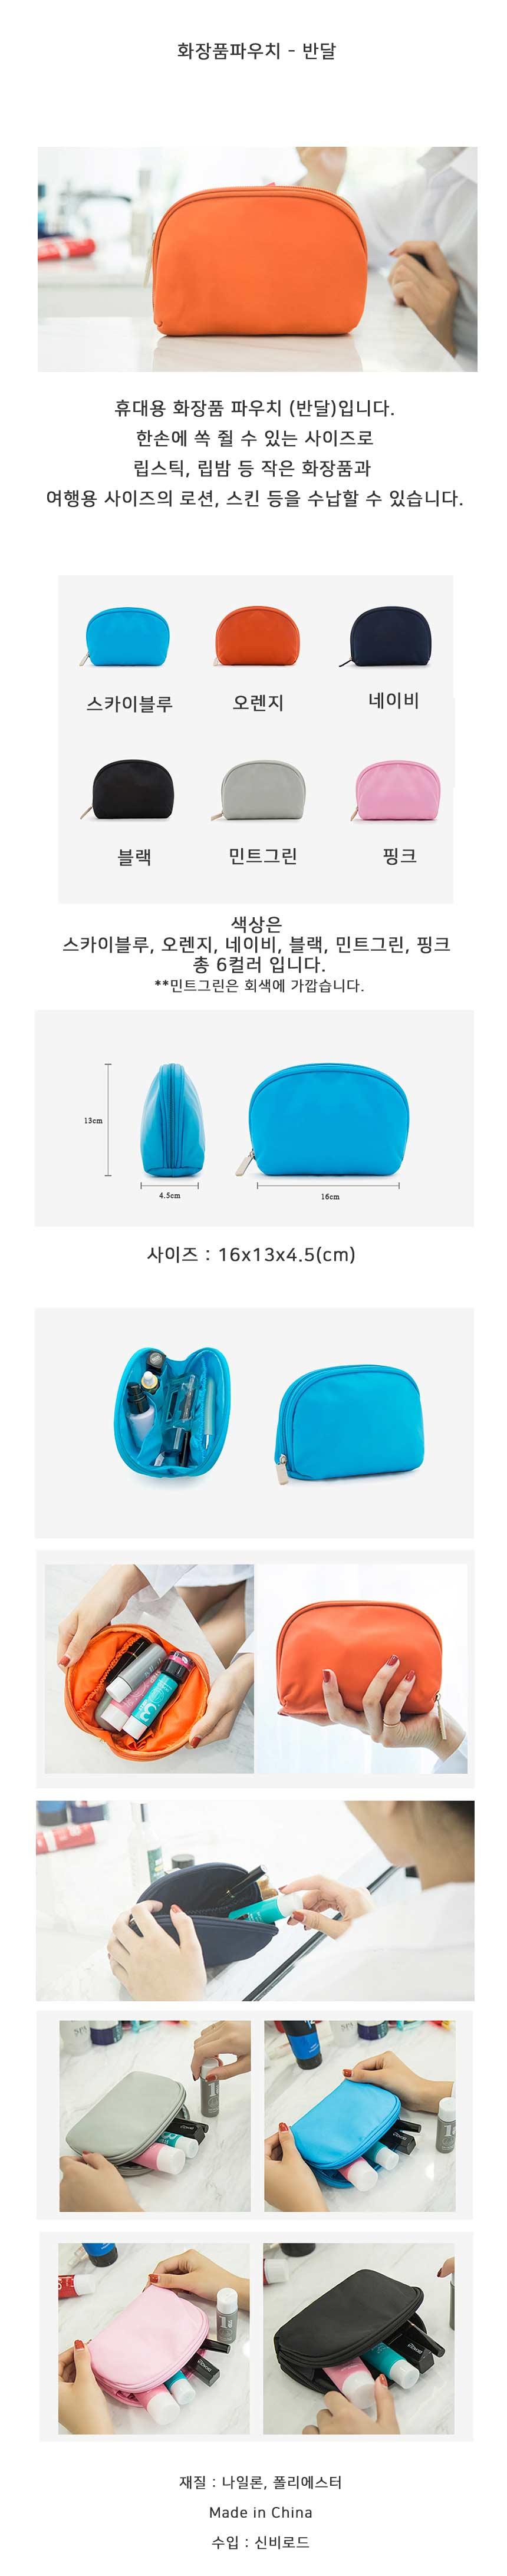 미니 화장품파우치 반달 - 엠트래블, 4,000원, 트래블팩단품, 멀티파우치